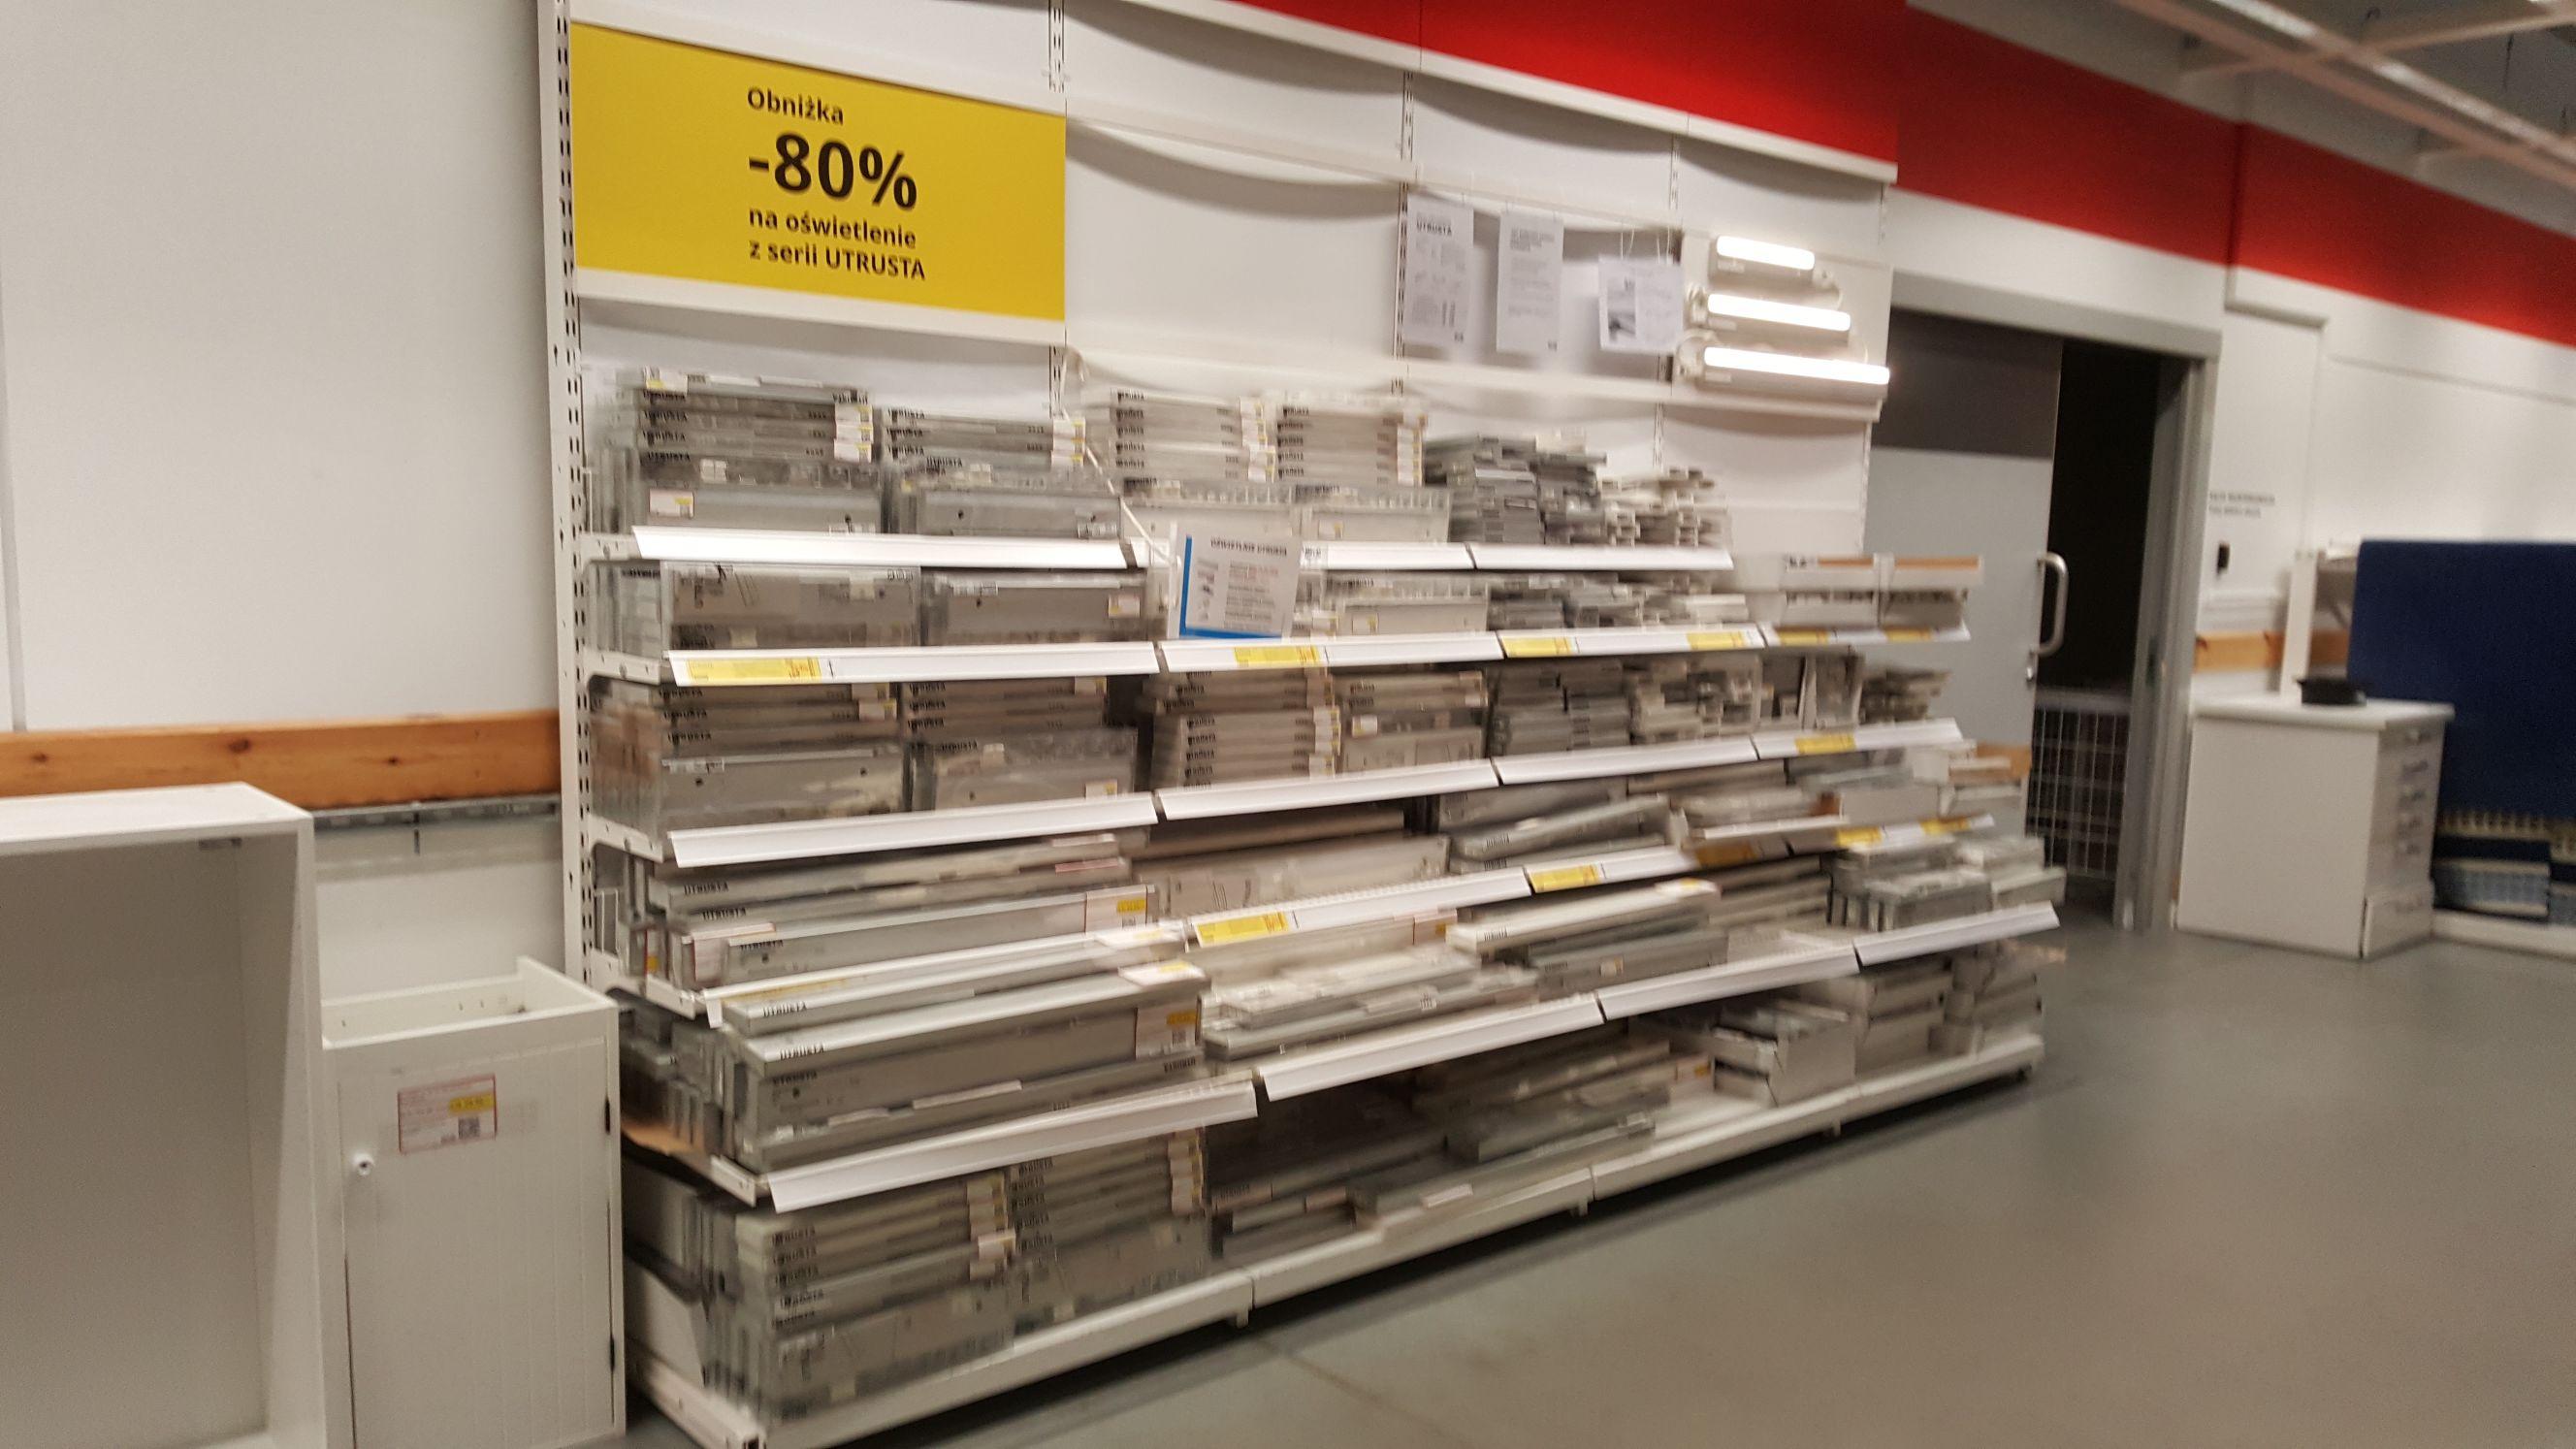 Minus 90-80% na oświetlenie Utrusta, dział sprzedaży okazyjnej Ikea